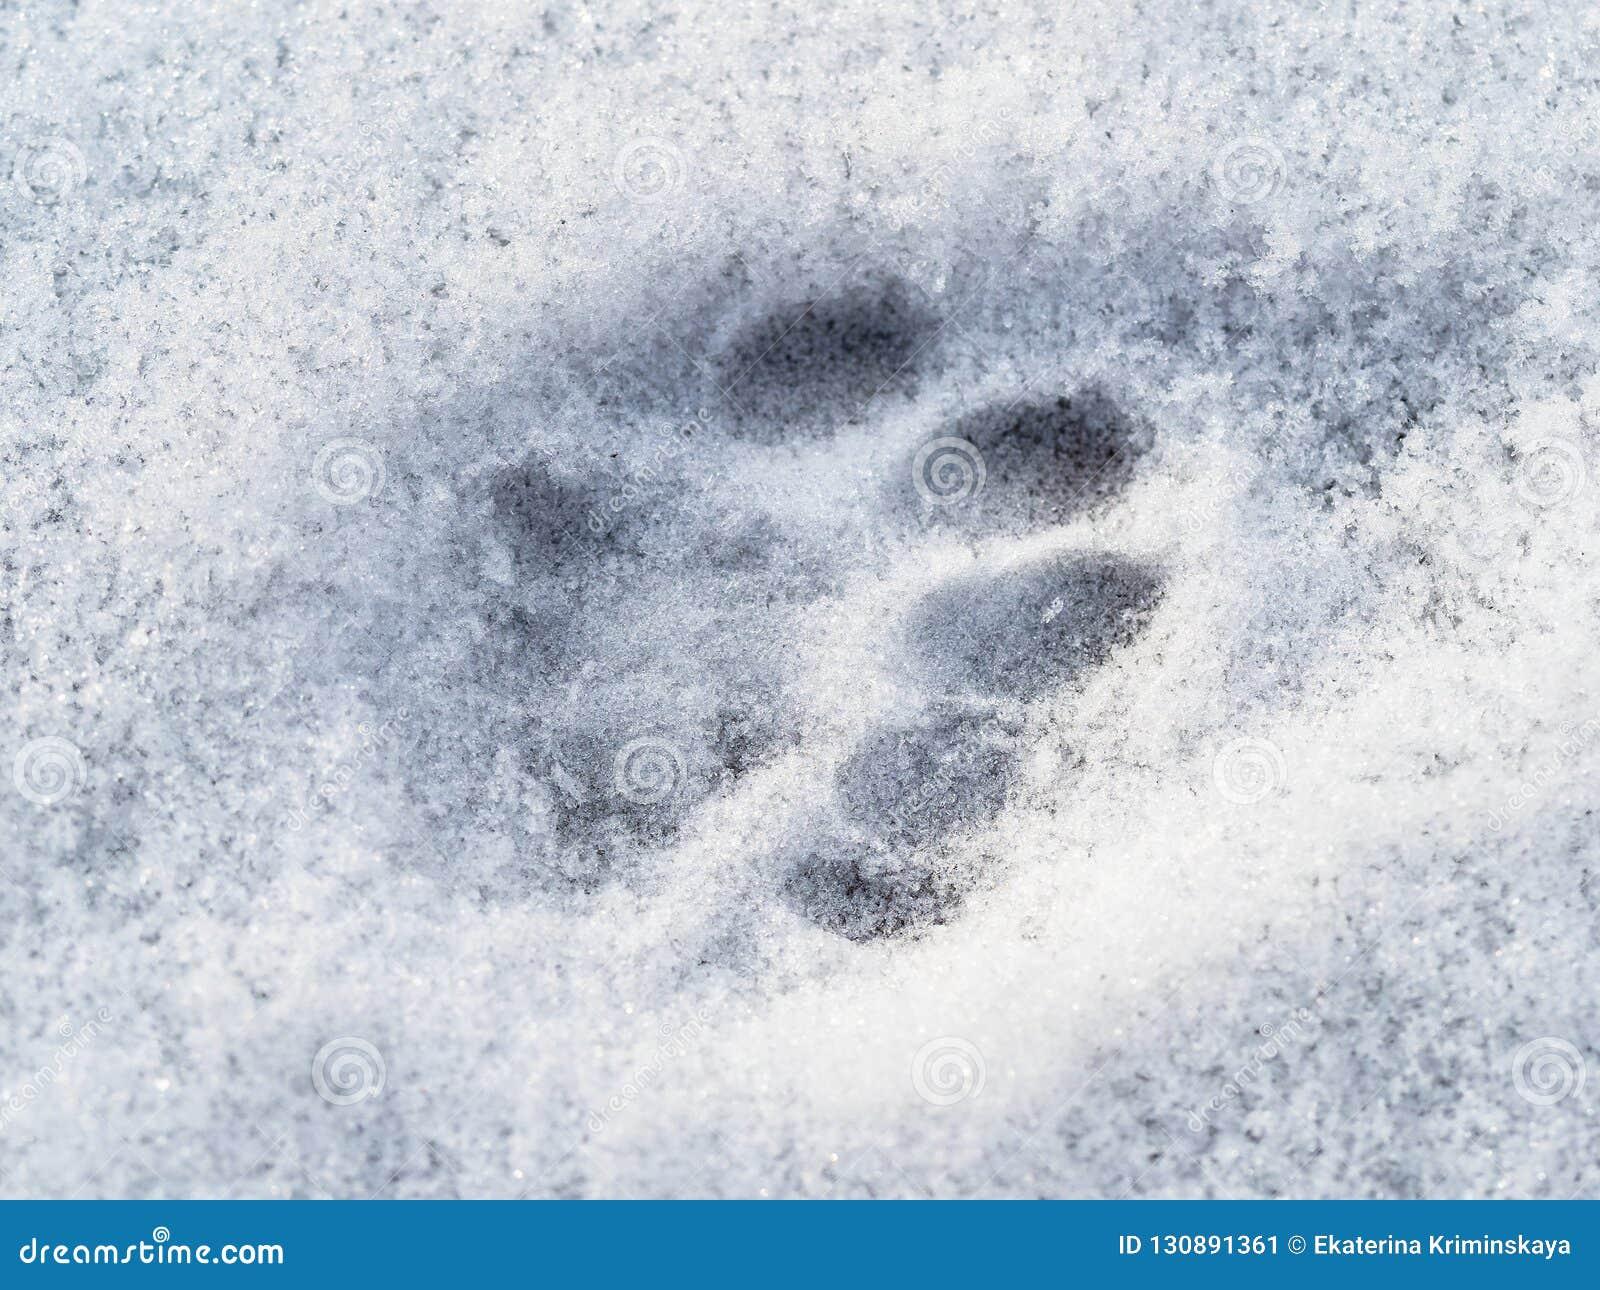 Bevroren kattenvoetafdruk dicht omhoog op oppervlakte van sneeuw